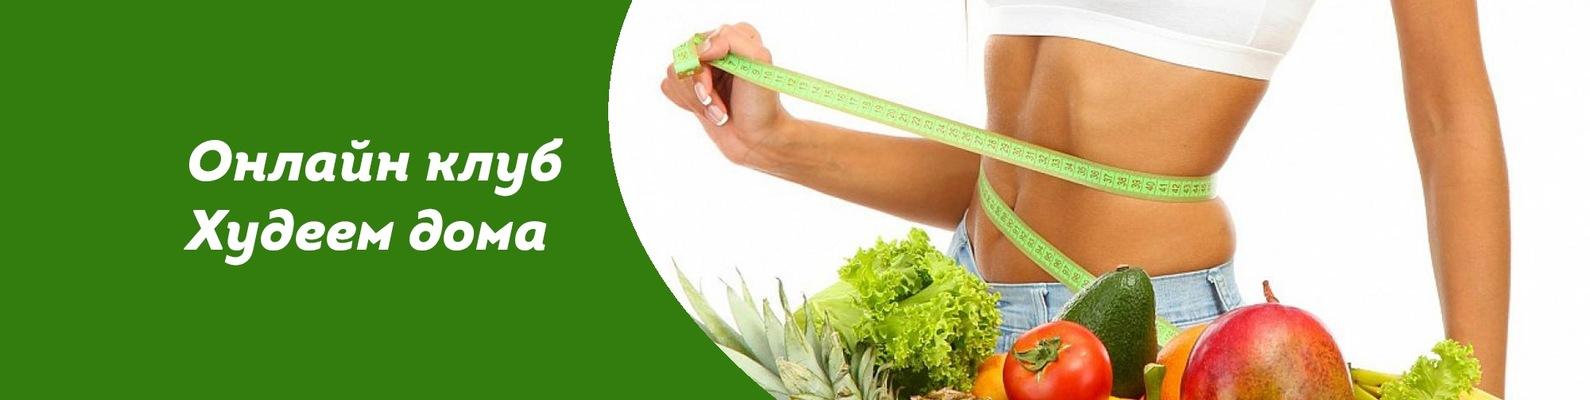 группа для похудения и коррекции веса